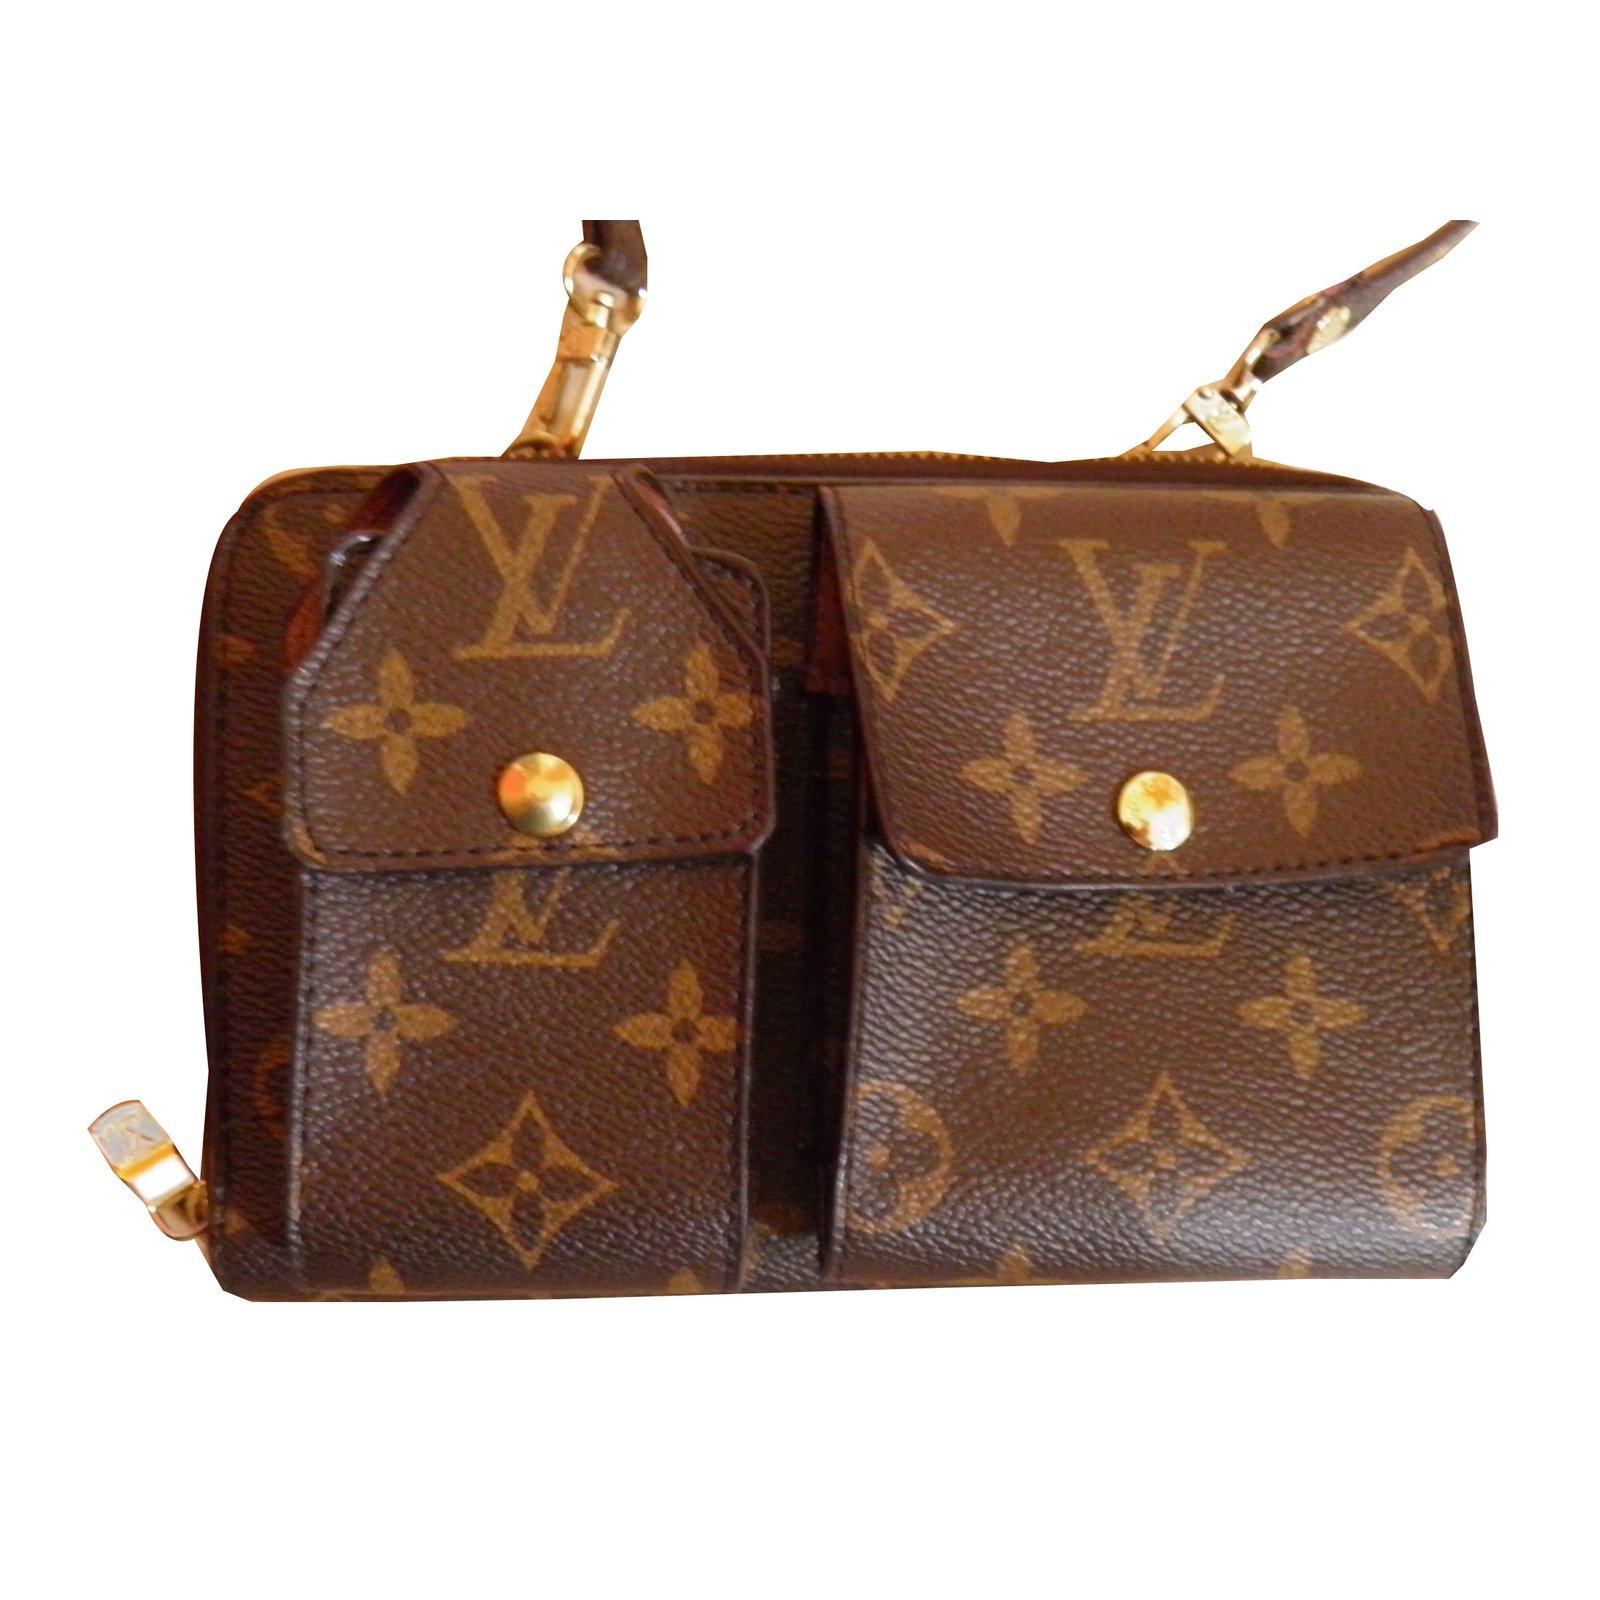 c32274dcc523 Louis Vuitton wallet on chain Wallets Cloth Brown ref.52236 - Joli Closet